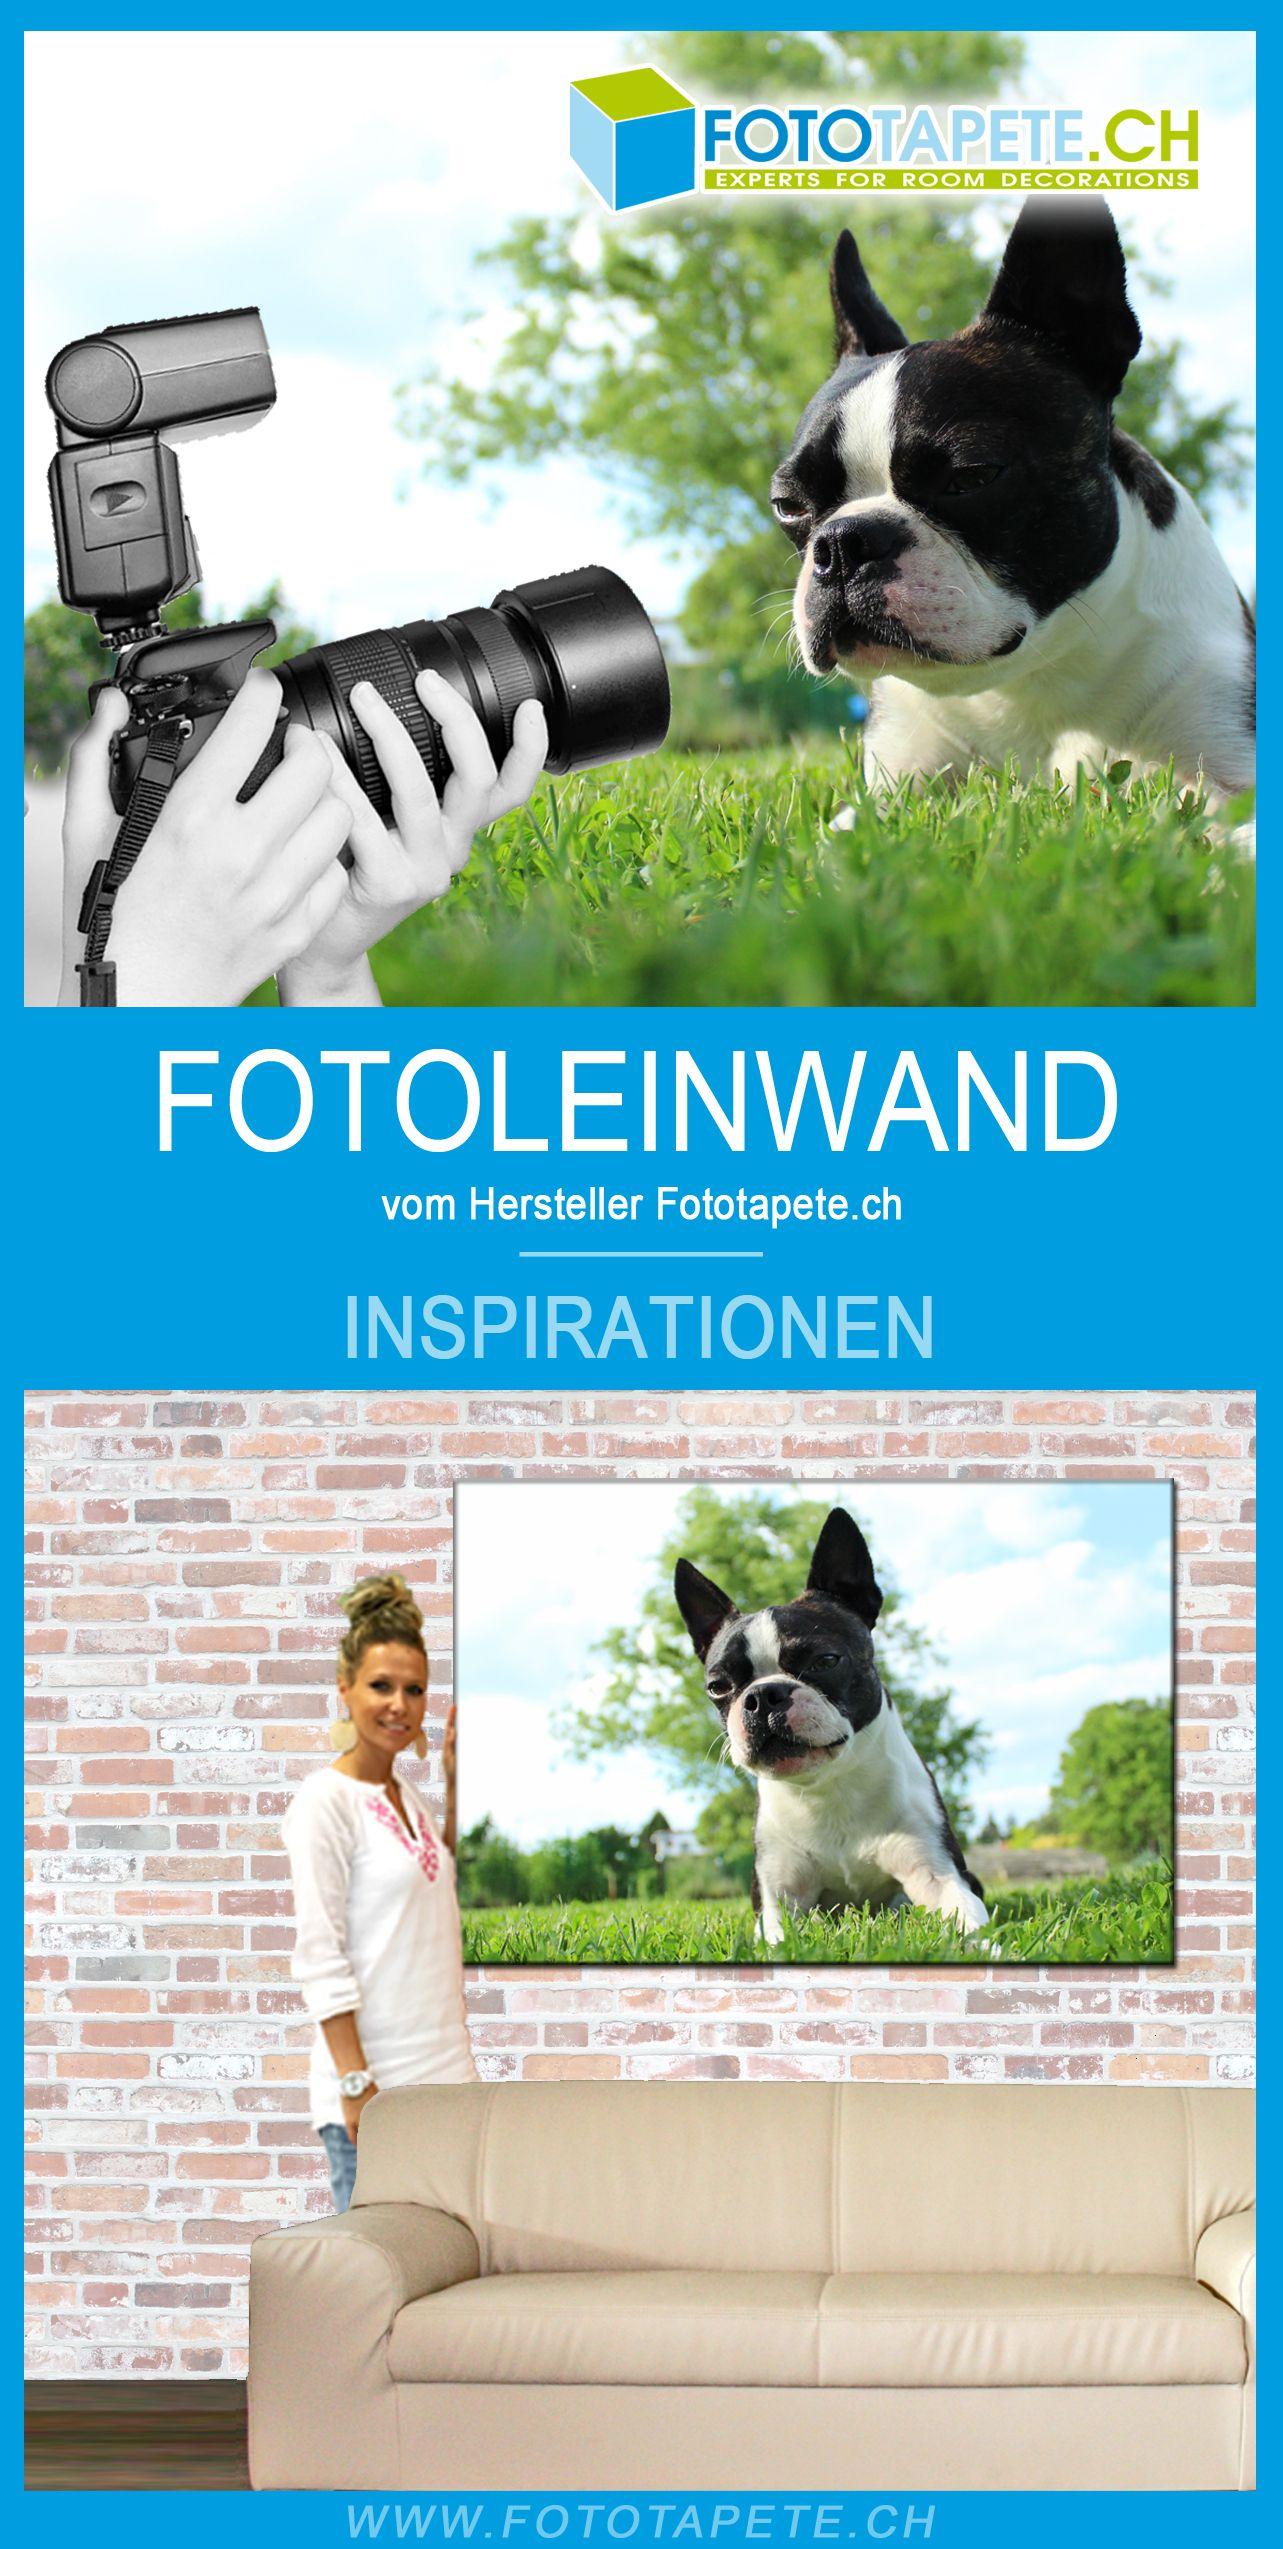 Tolle Ideen Fur Deine Leinwand Bei Posterxxl Kannst Du Deine Bilder Ganz Einfach Und Kreativ Gestalten Als Ge Foto Auf Leinwand Drucken Fotoleinwand Leinwand